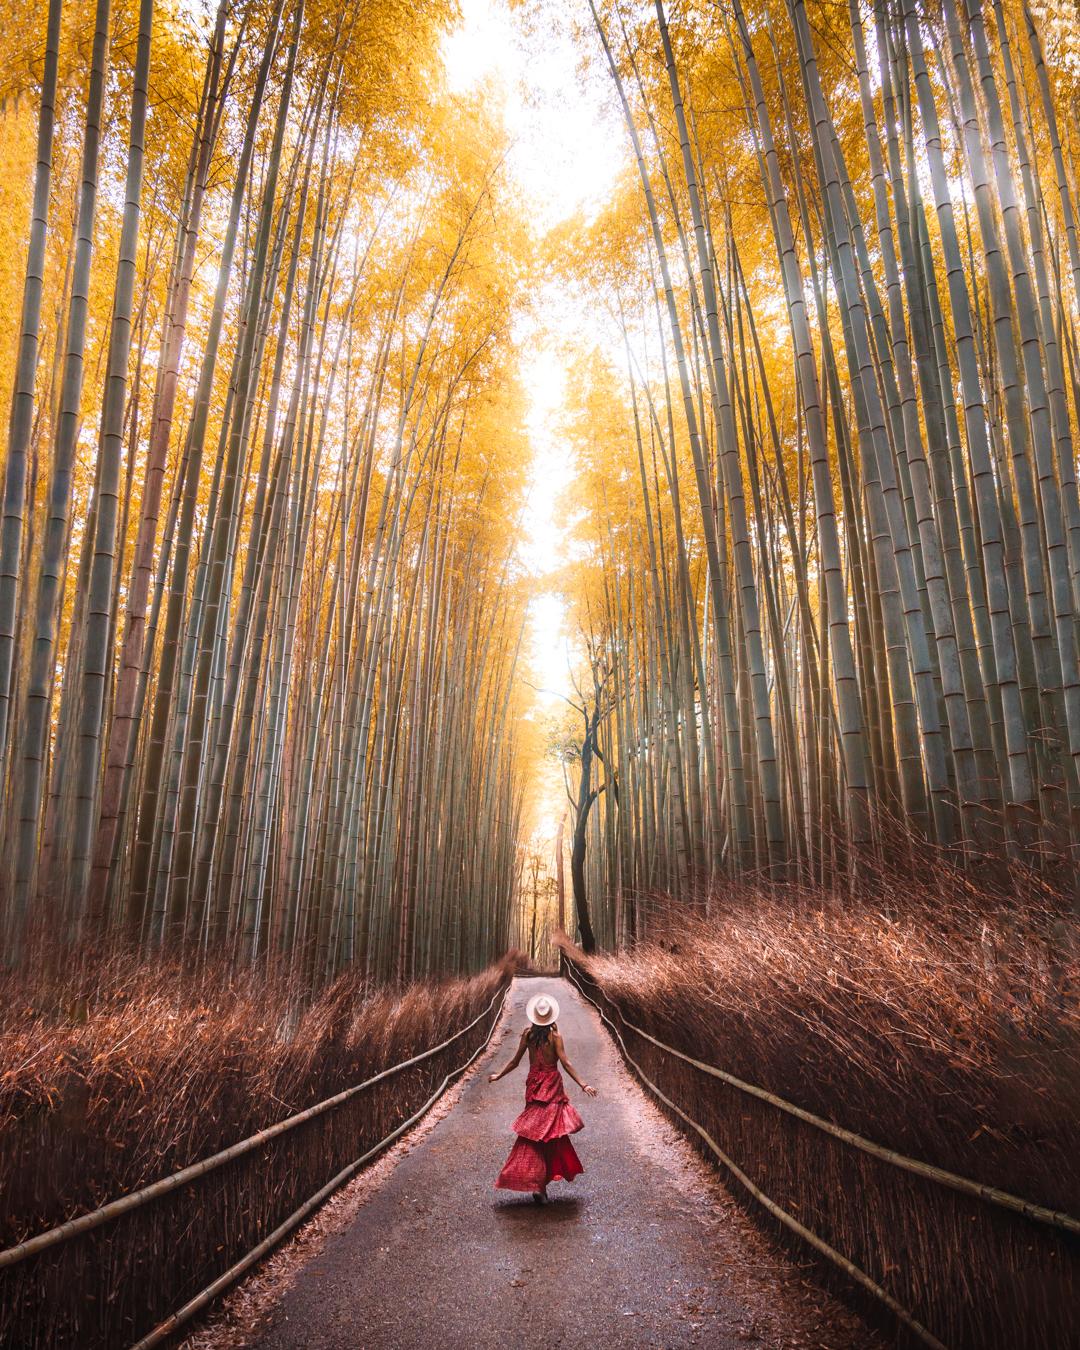 Girl in bamboo grove